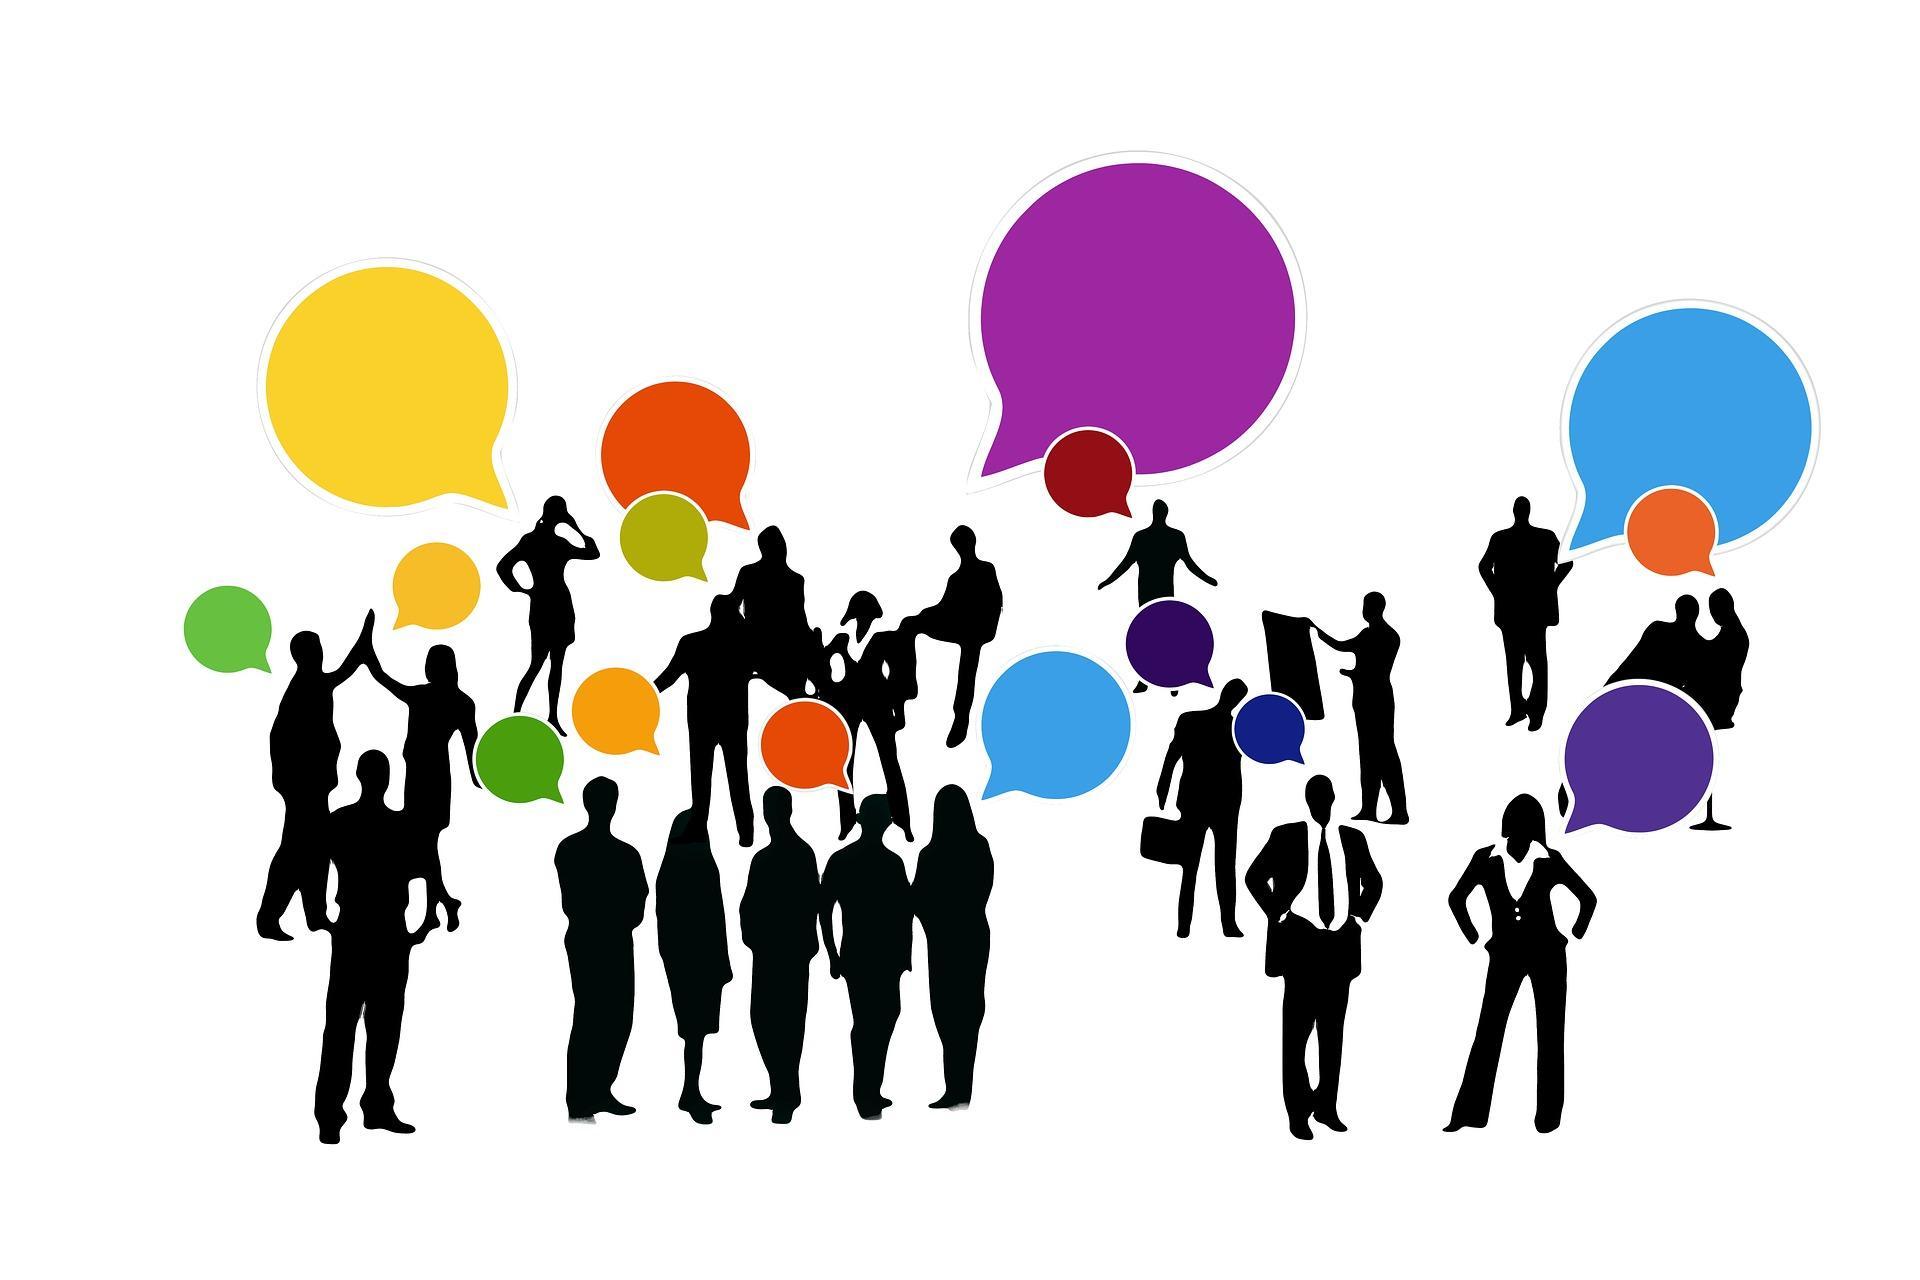 DVW Jobbörse an der HafenCity Universität (Foto: pixabay)